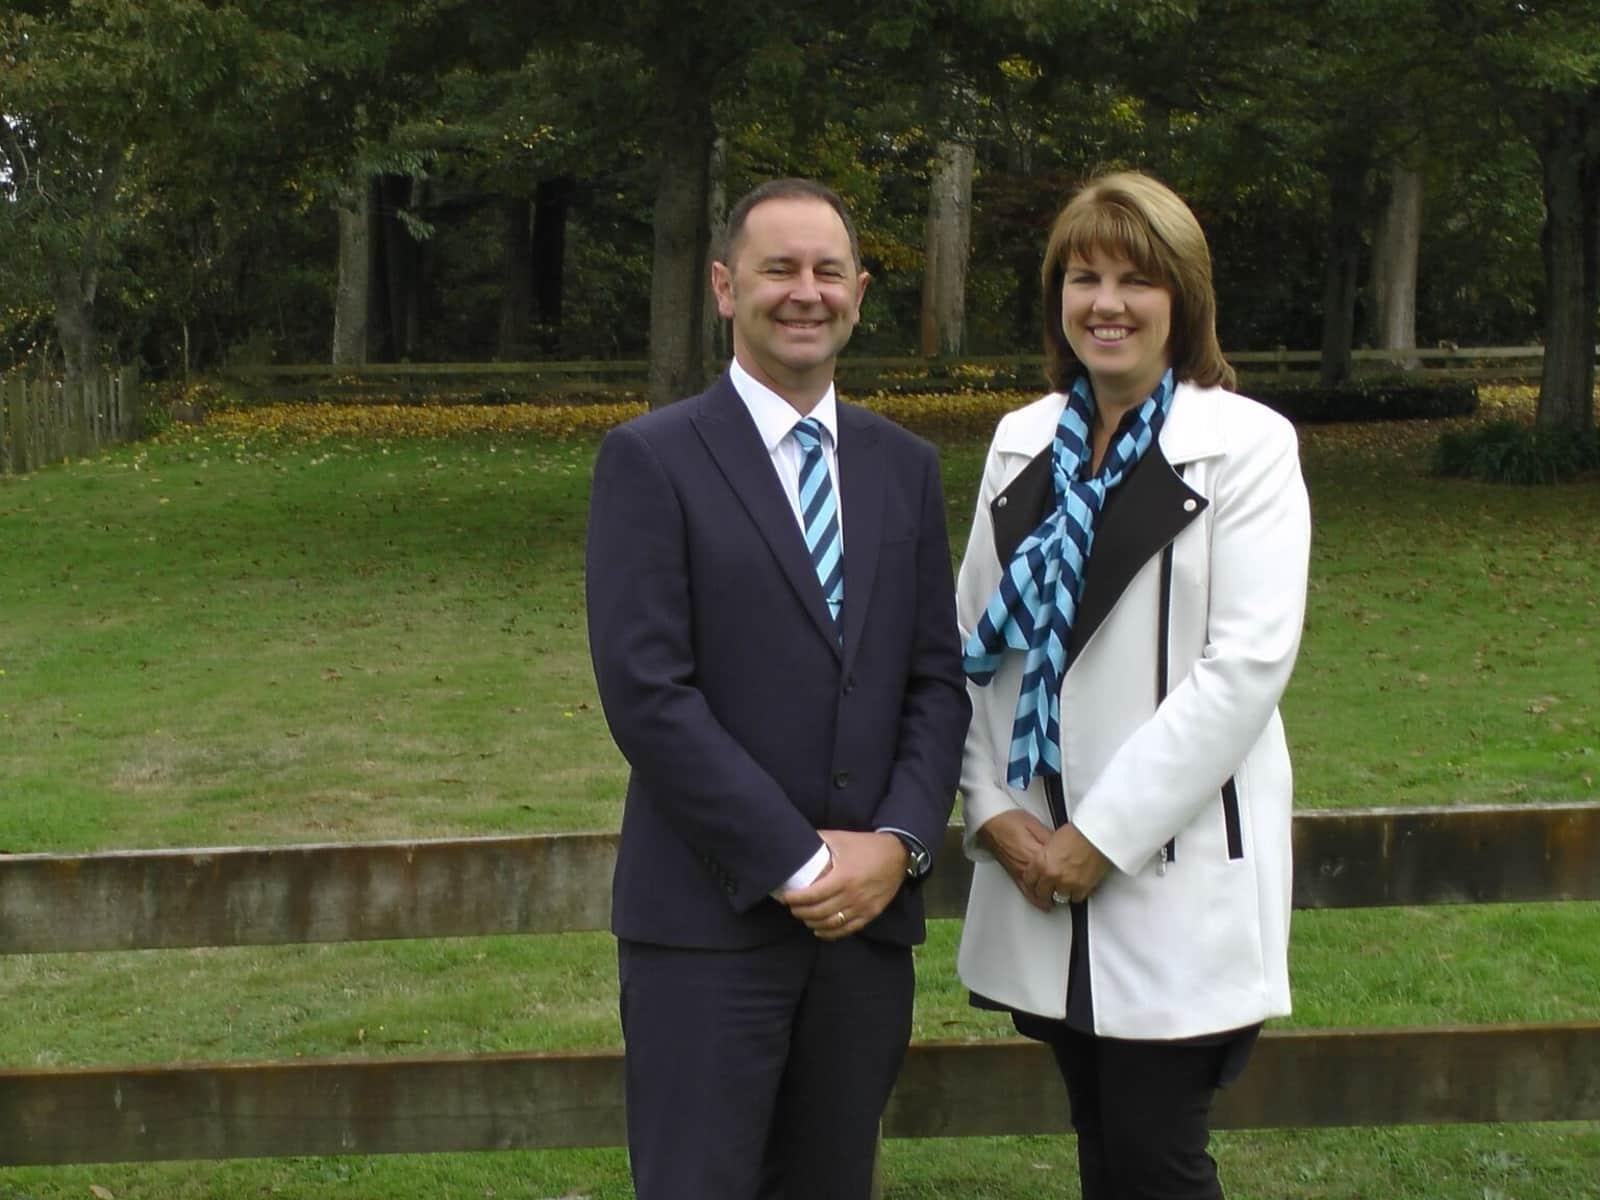 Bobbie & Paul from Hamilton, New Zealand